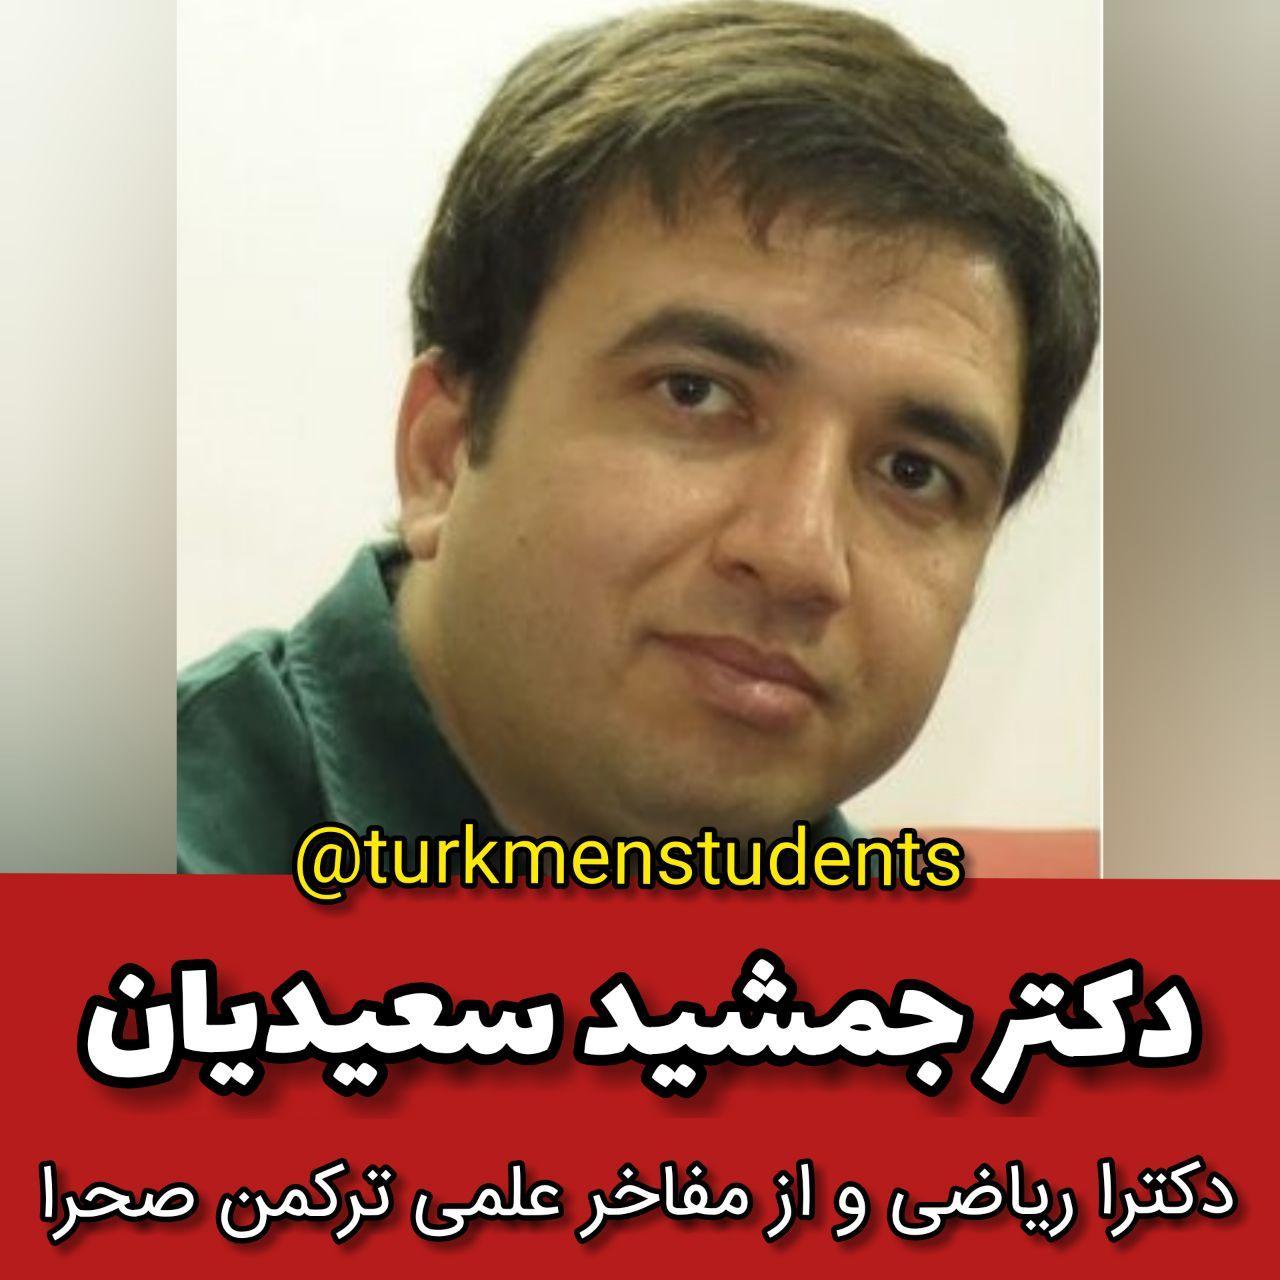 دکتر جمشید سعیدیان ، دکترای ریاضی و از مفاخر علمی ترکمن صحرا